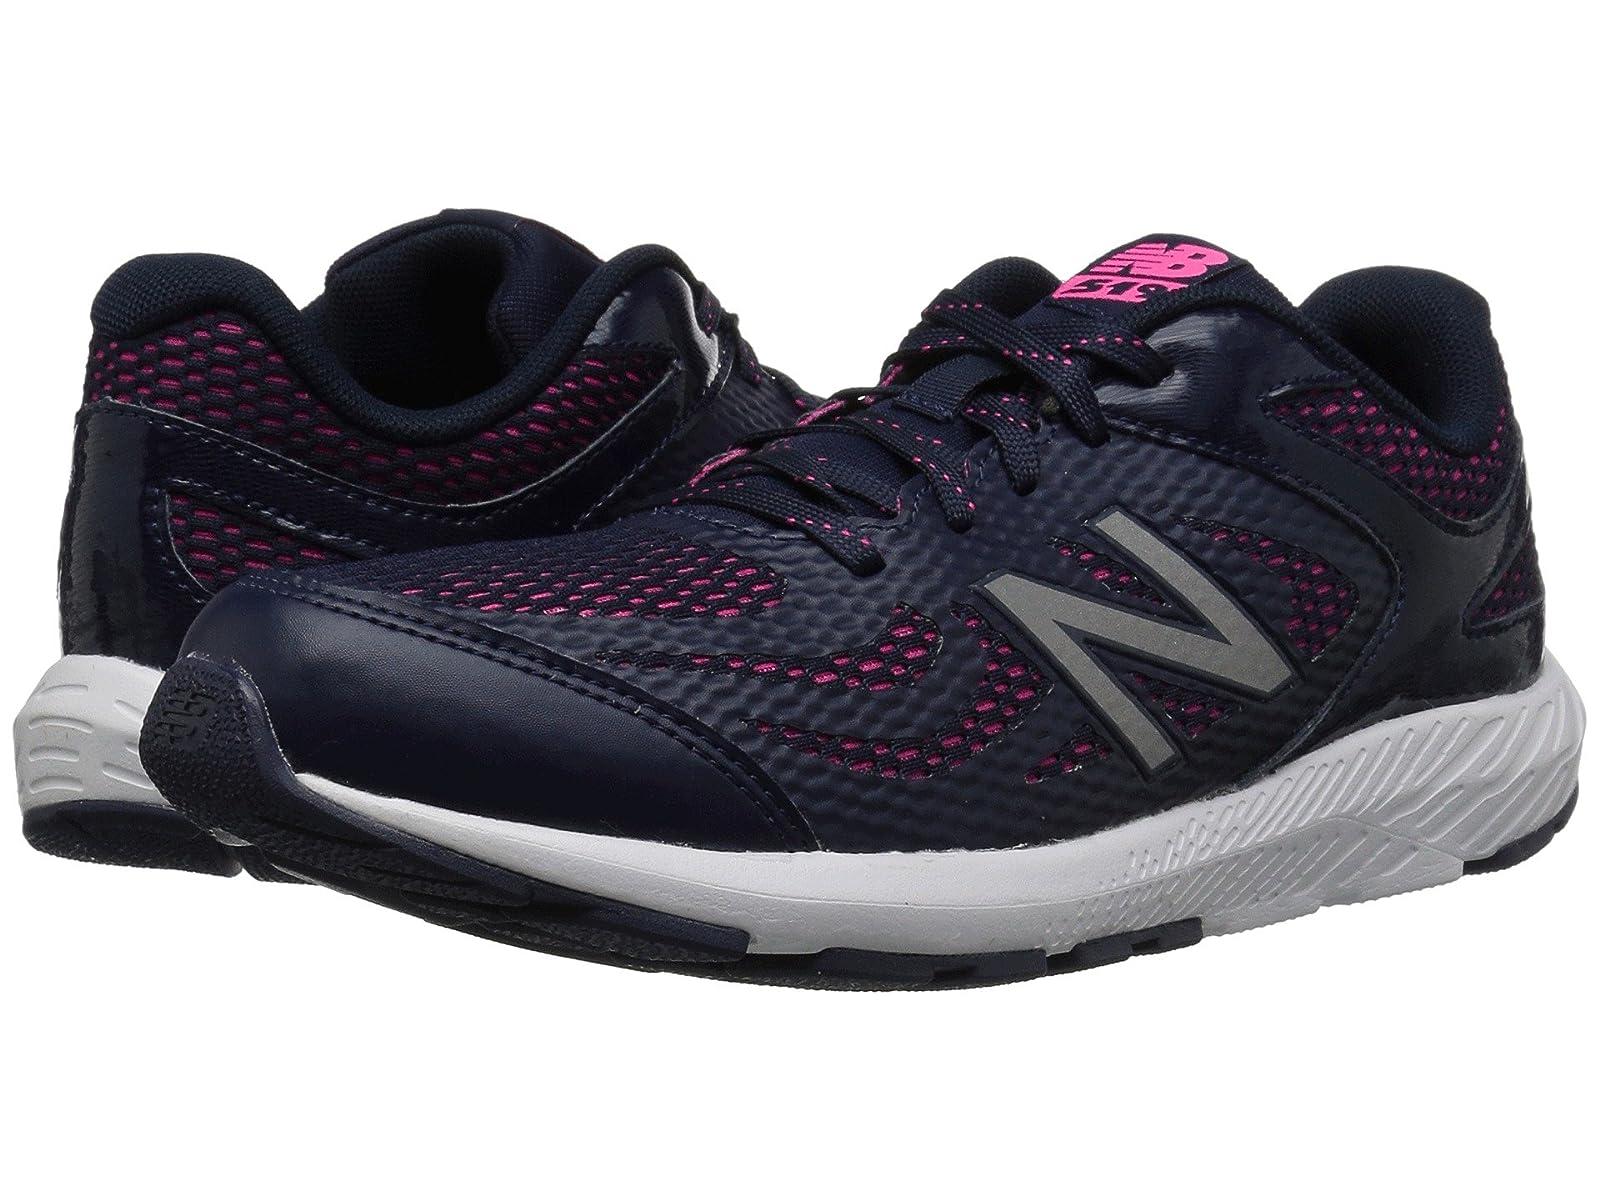 New Balance Kids KJ519v1Y (Little Kid/Big Kid)Atmospheric grades have affordable shoes